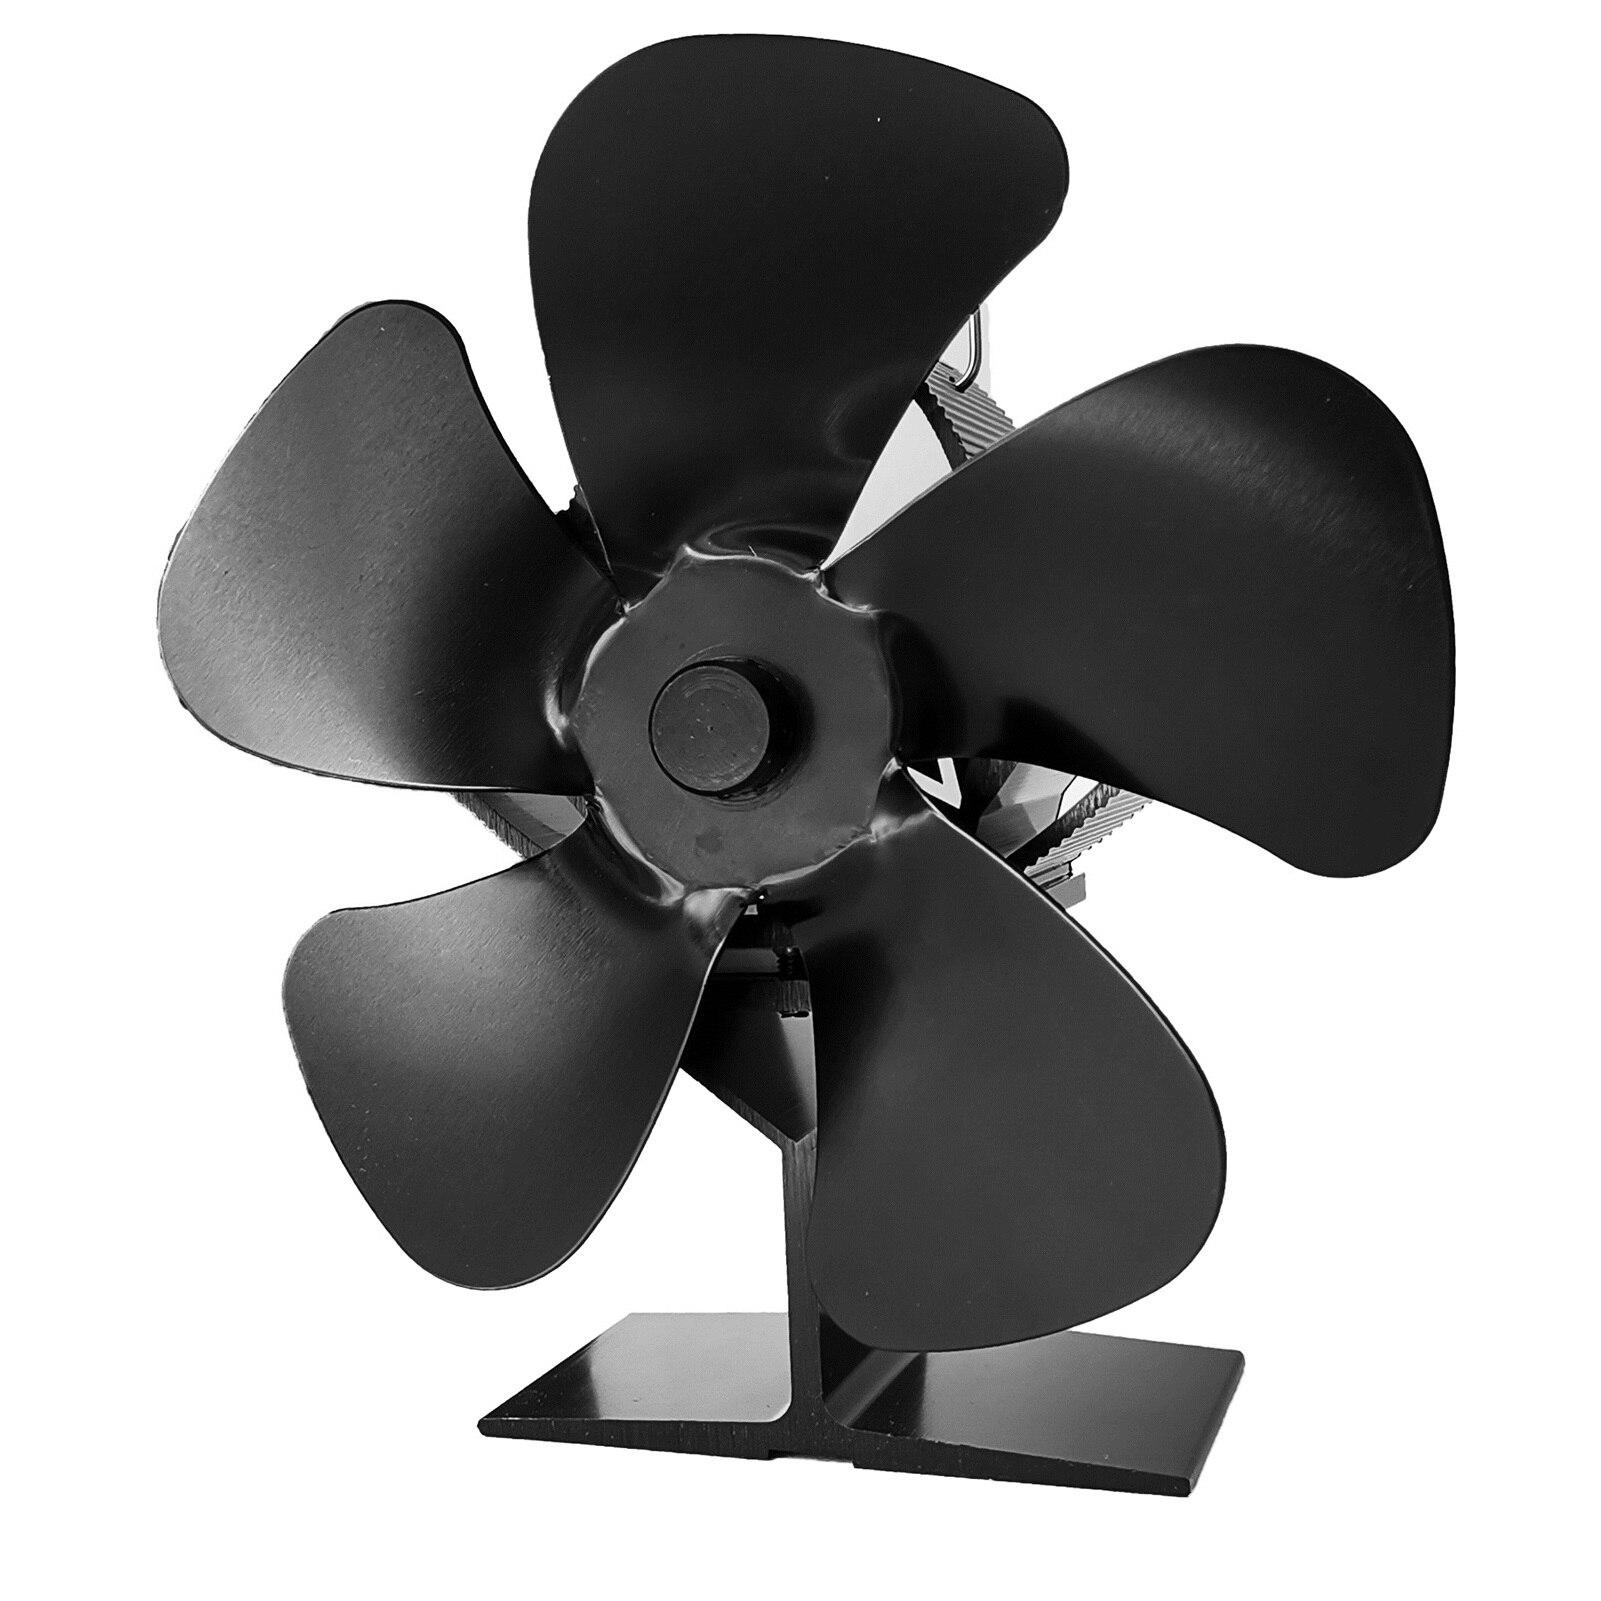 مدفأة سوداء ، 5 شفرات ، موقد يعمل بالحرارة ، لوح خشبي ، مدفأة منزلية هادئة ، توزيع الحرارة